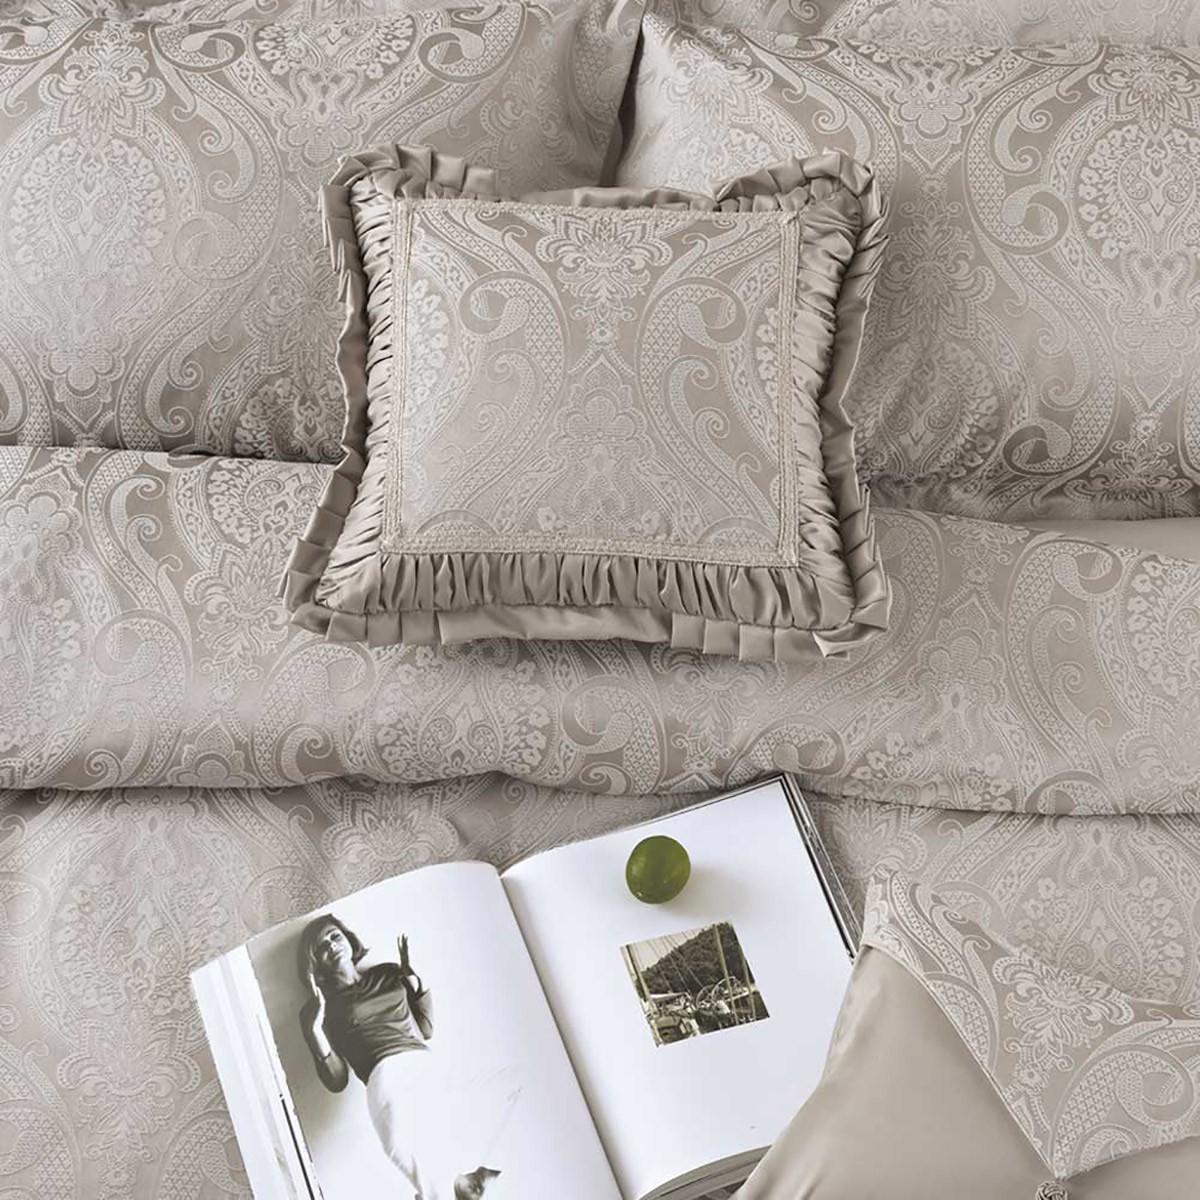 Διακοσμητική Μαξιλαροθήκη Με Βολάν Kentia Serenity Arya 26